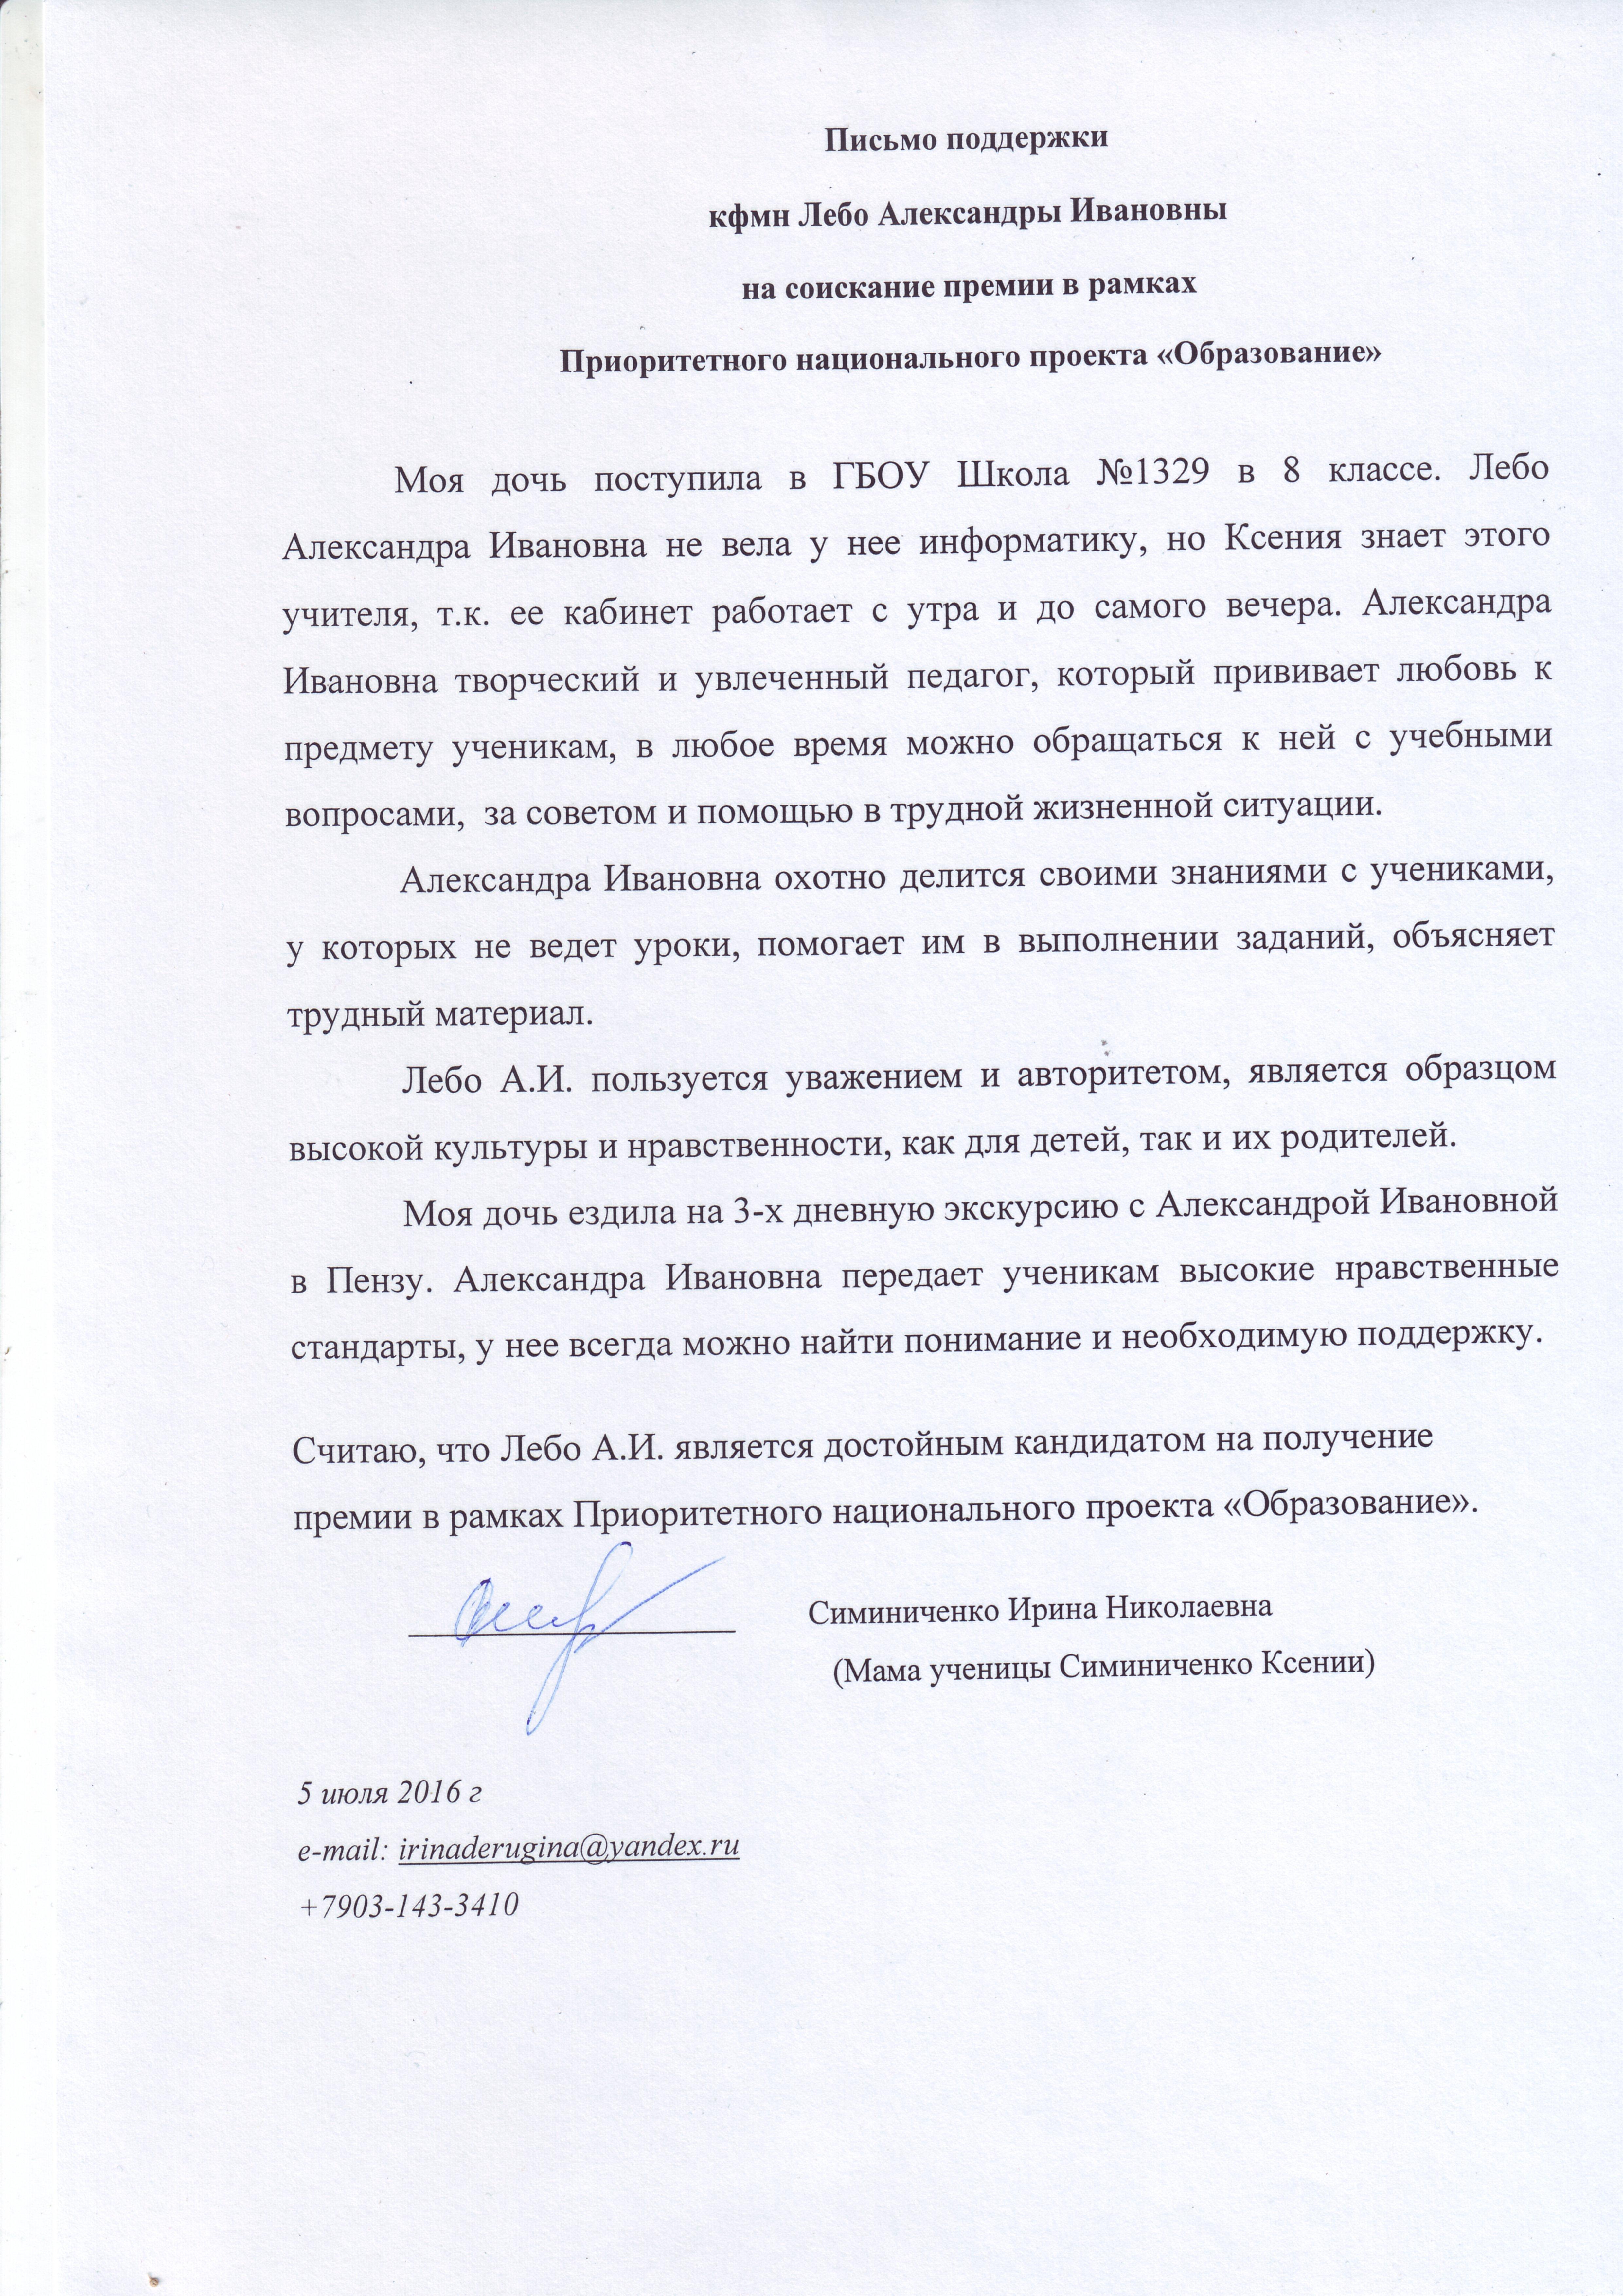 Симиниченко